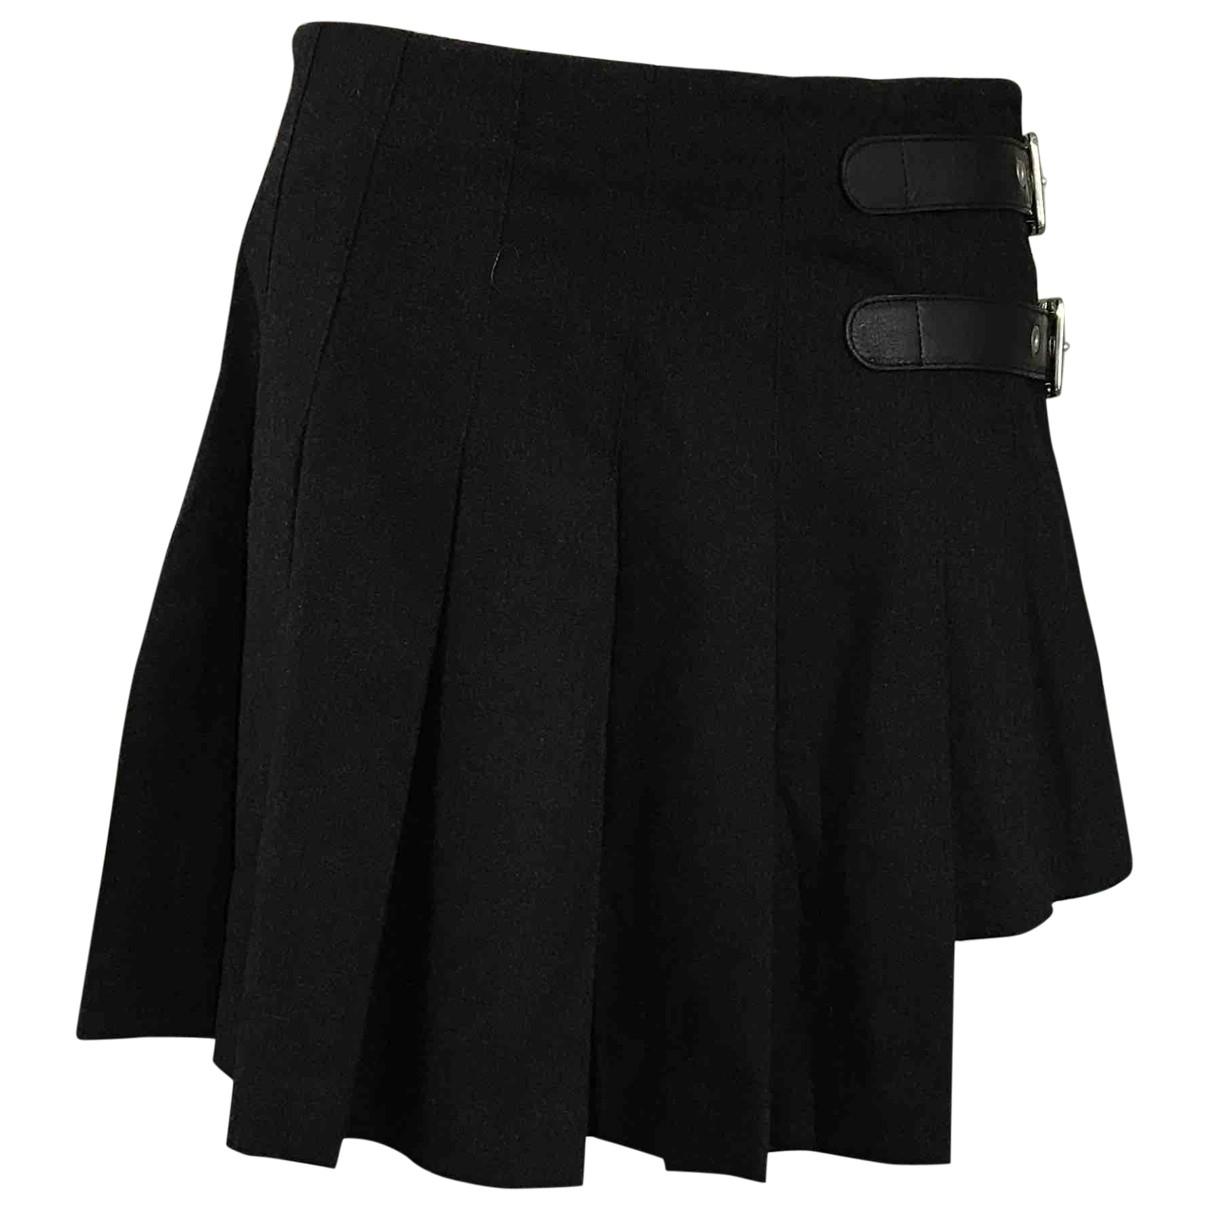 D&g \N Wool skirt for Women 42 IT